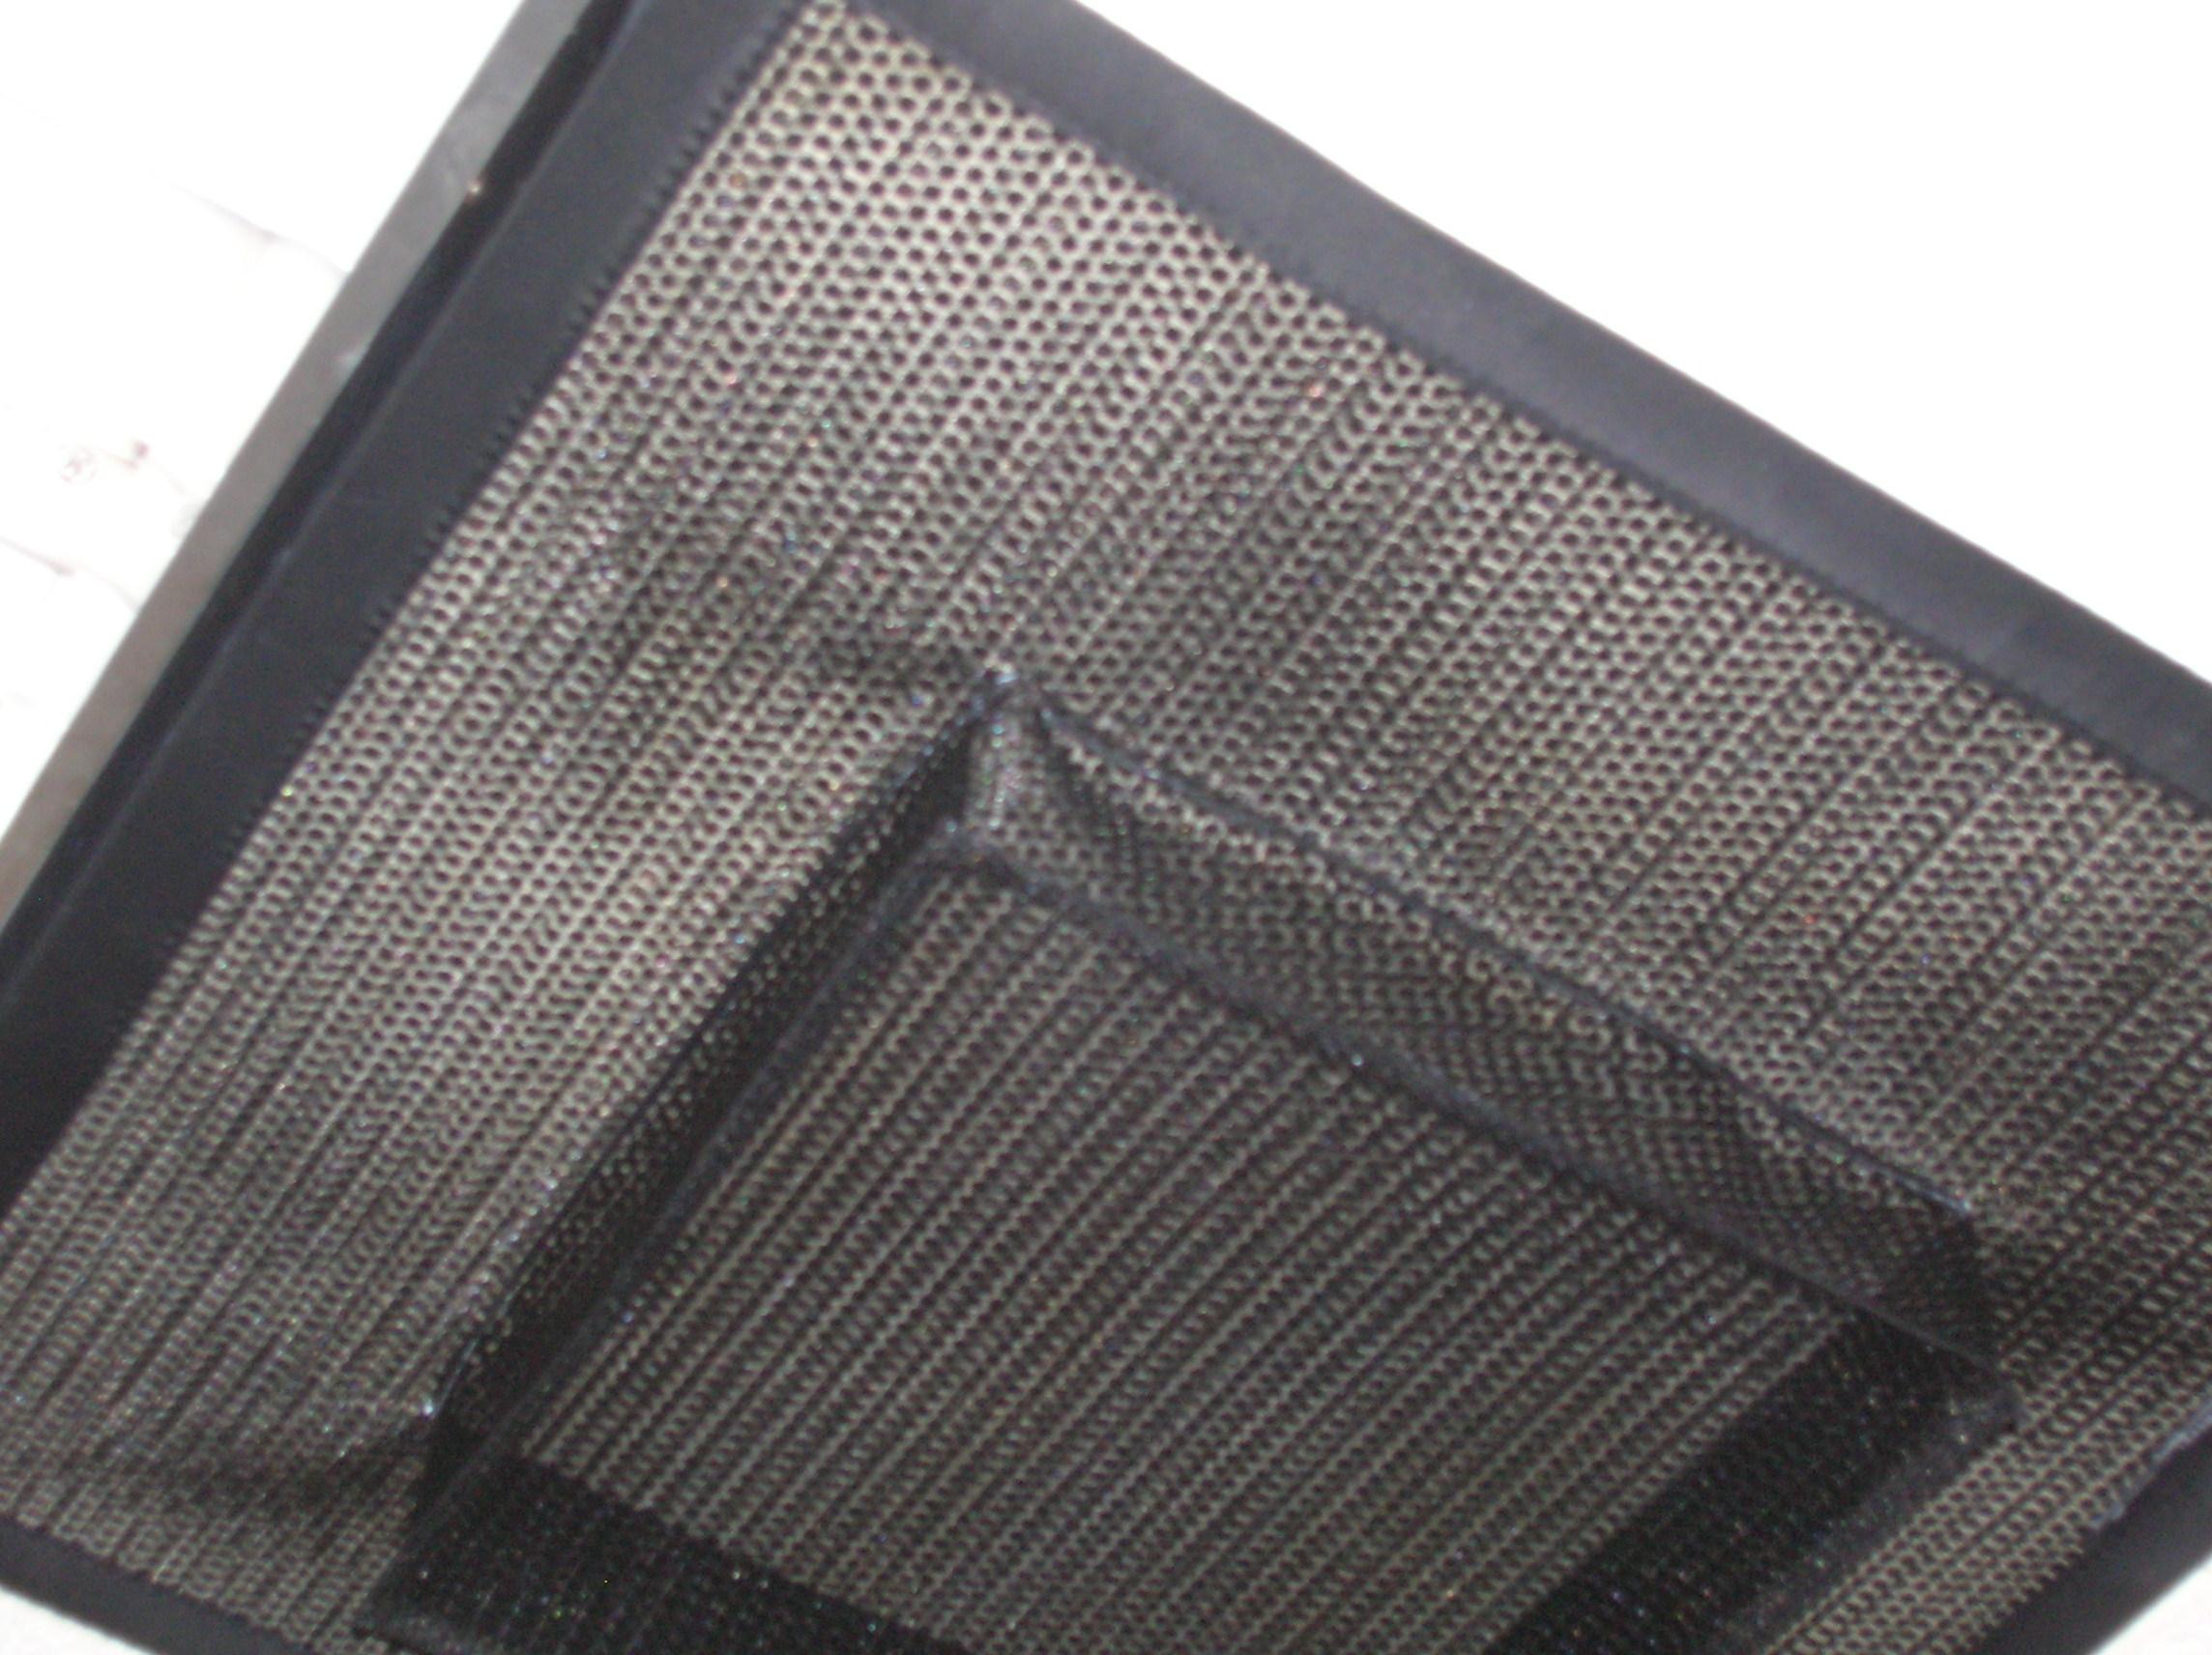 model-u-air-diffuser-filter-closeup5